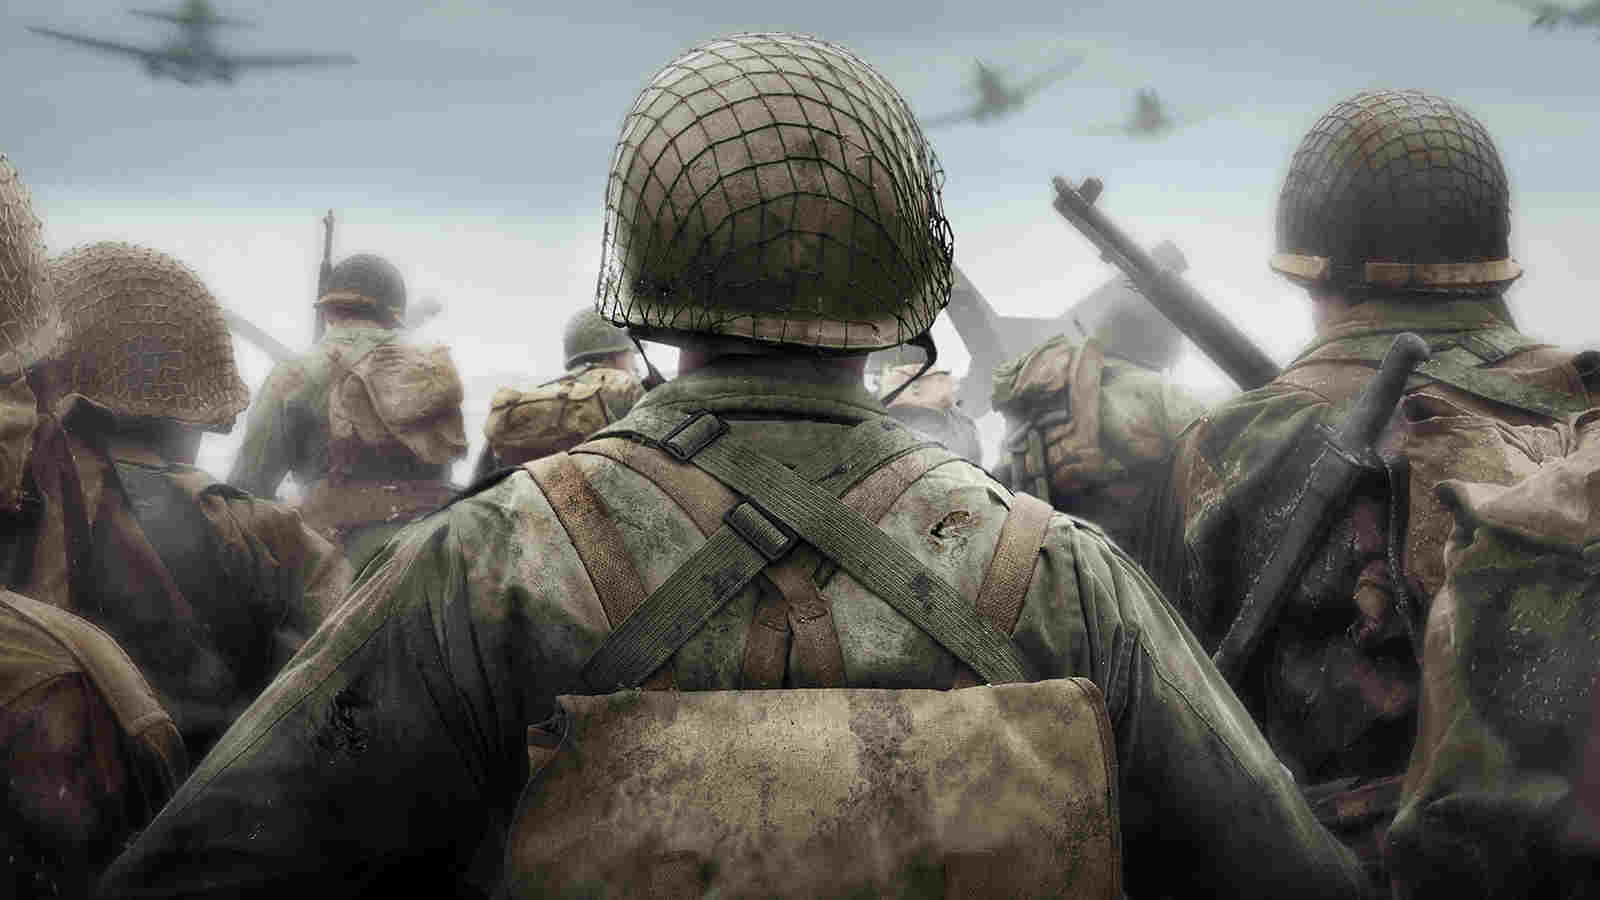 دانلود فیلمSaving Private Ryan 1998 نجات سرباز رایاندوبله فارسی + 720 ، 1080